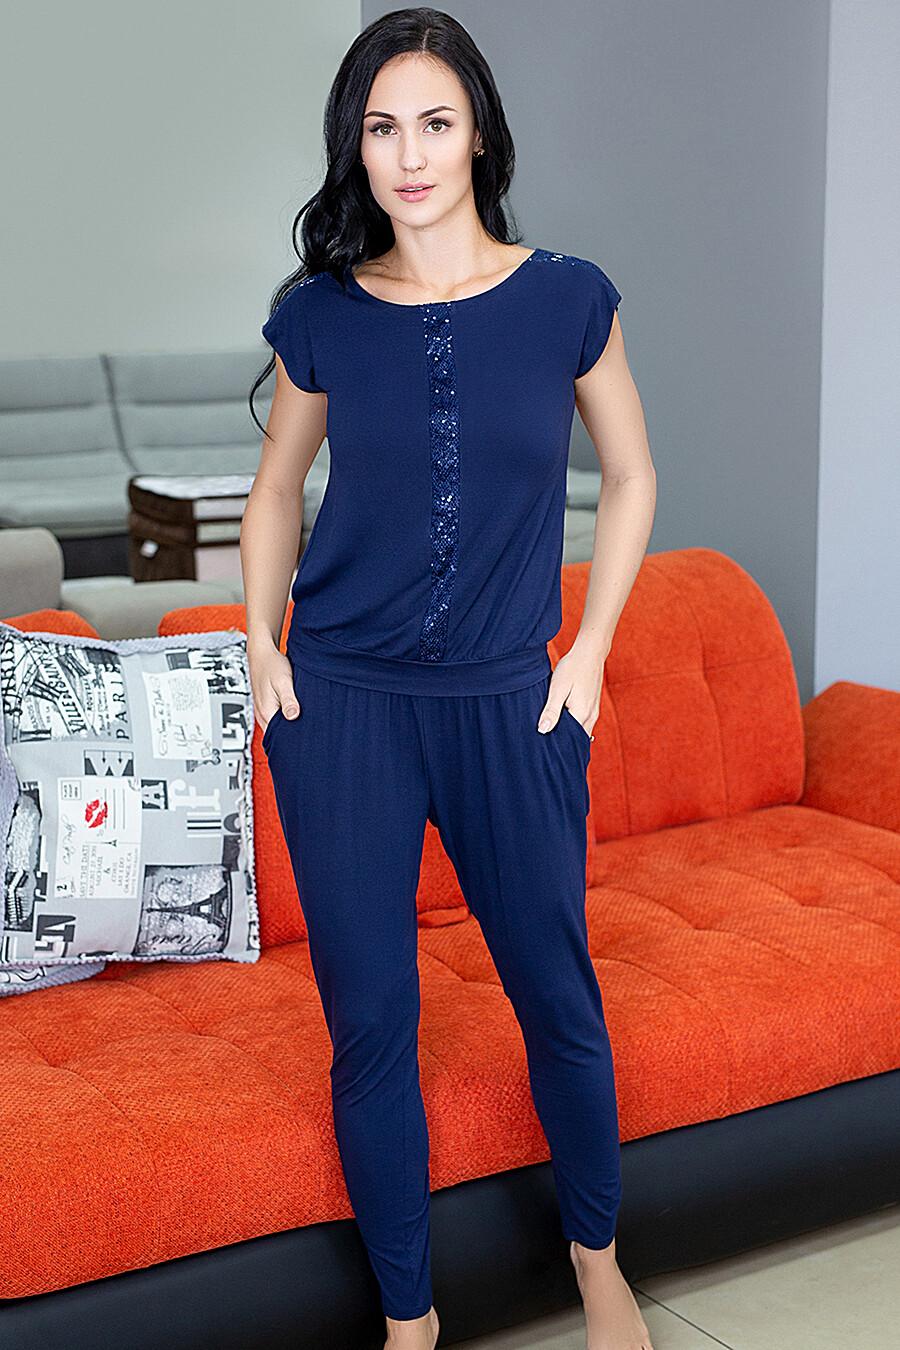 Комплект (Футболка+Брюки) для женщин LEINLE 116757 купить оптом от производителя. Совместная покупка женской одежды в OptMoyo